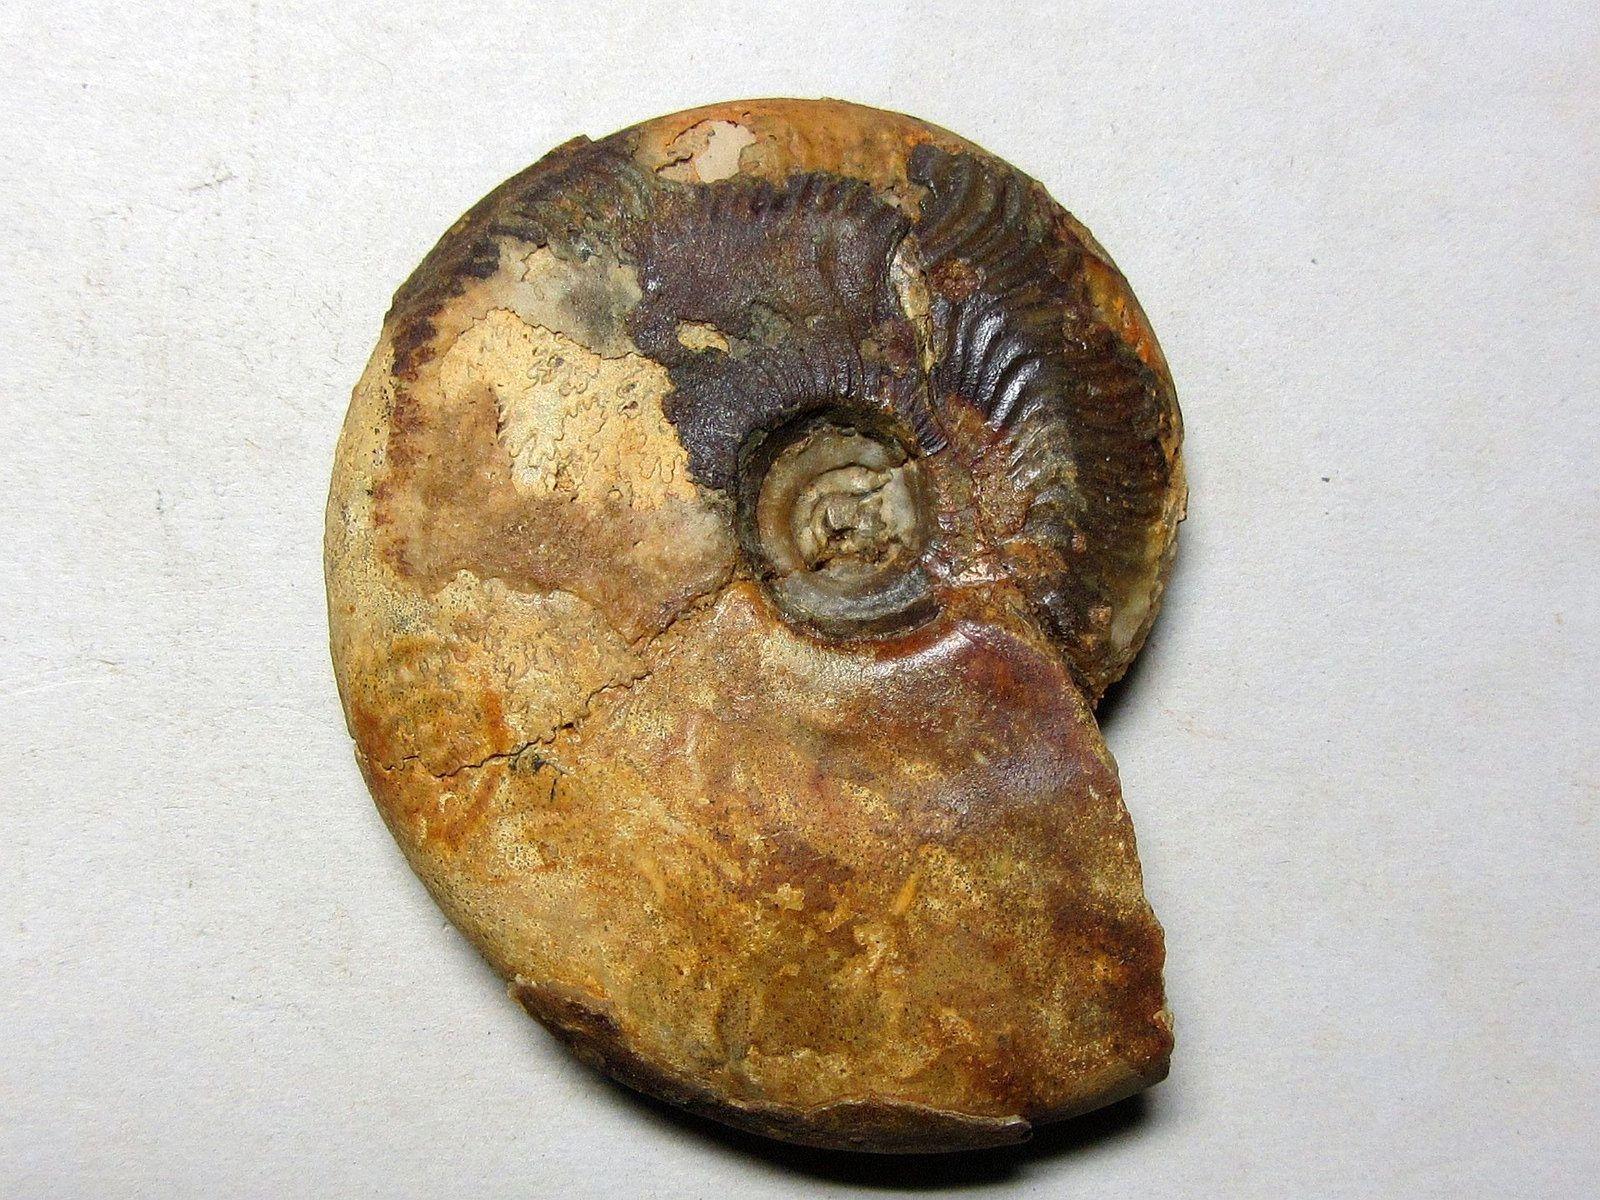 Graphoceras limitatum (Buckman 1902)